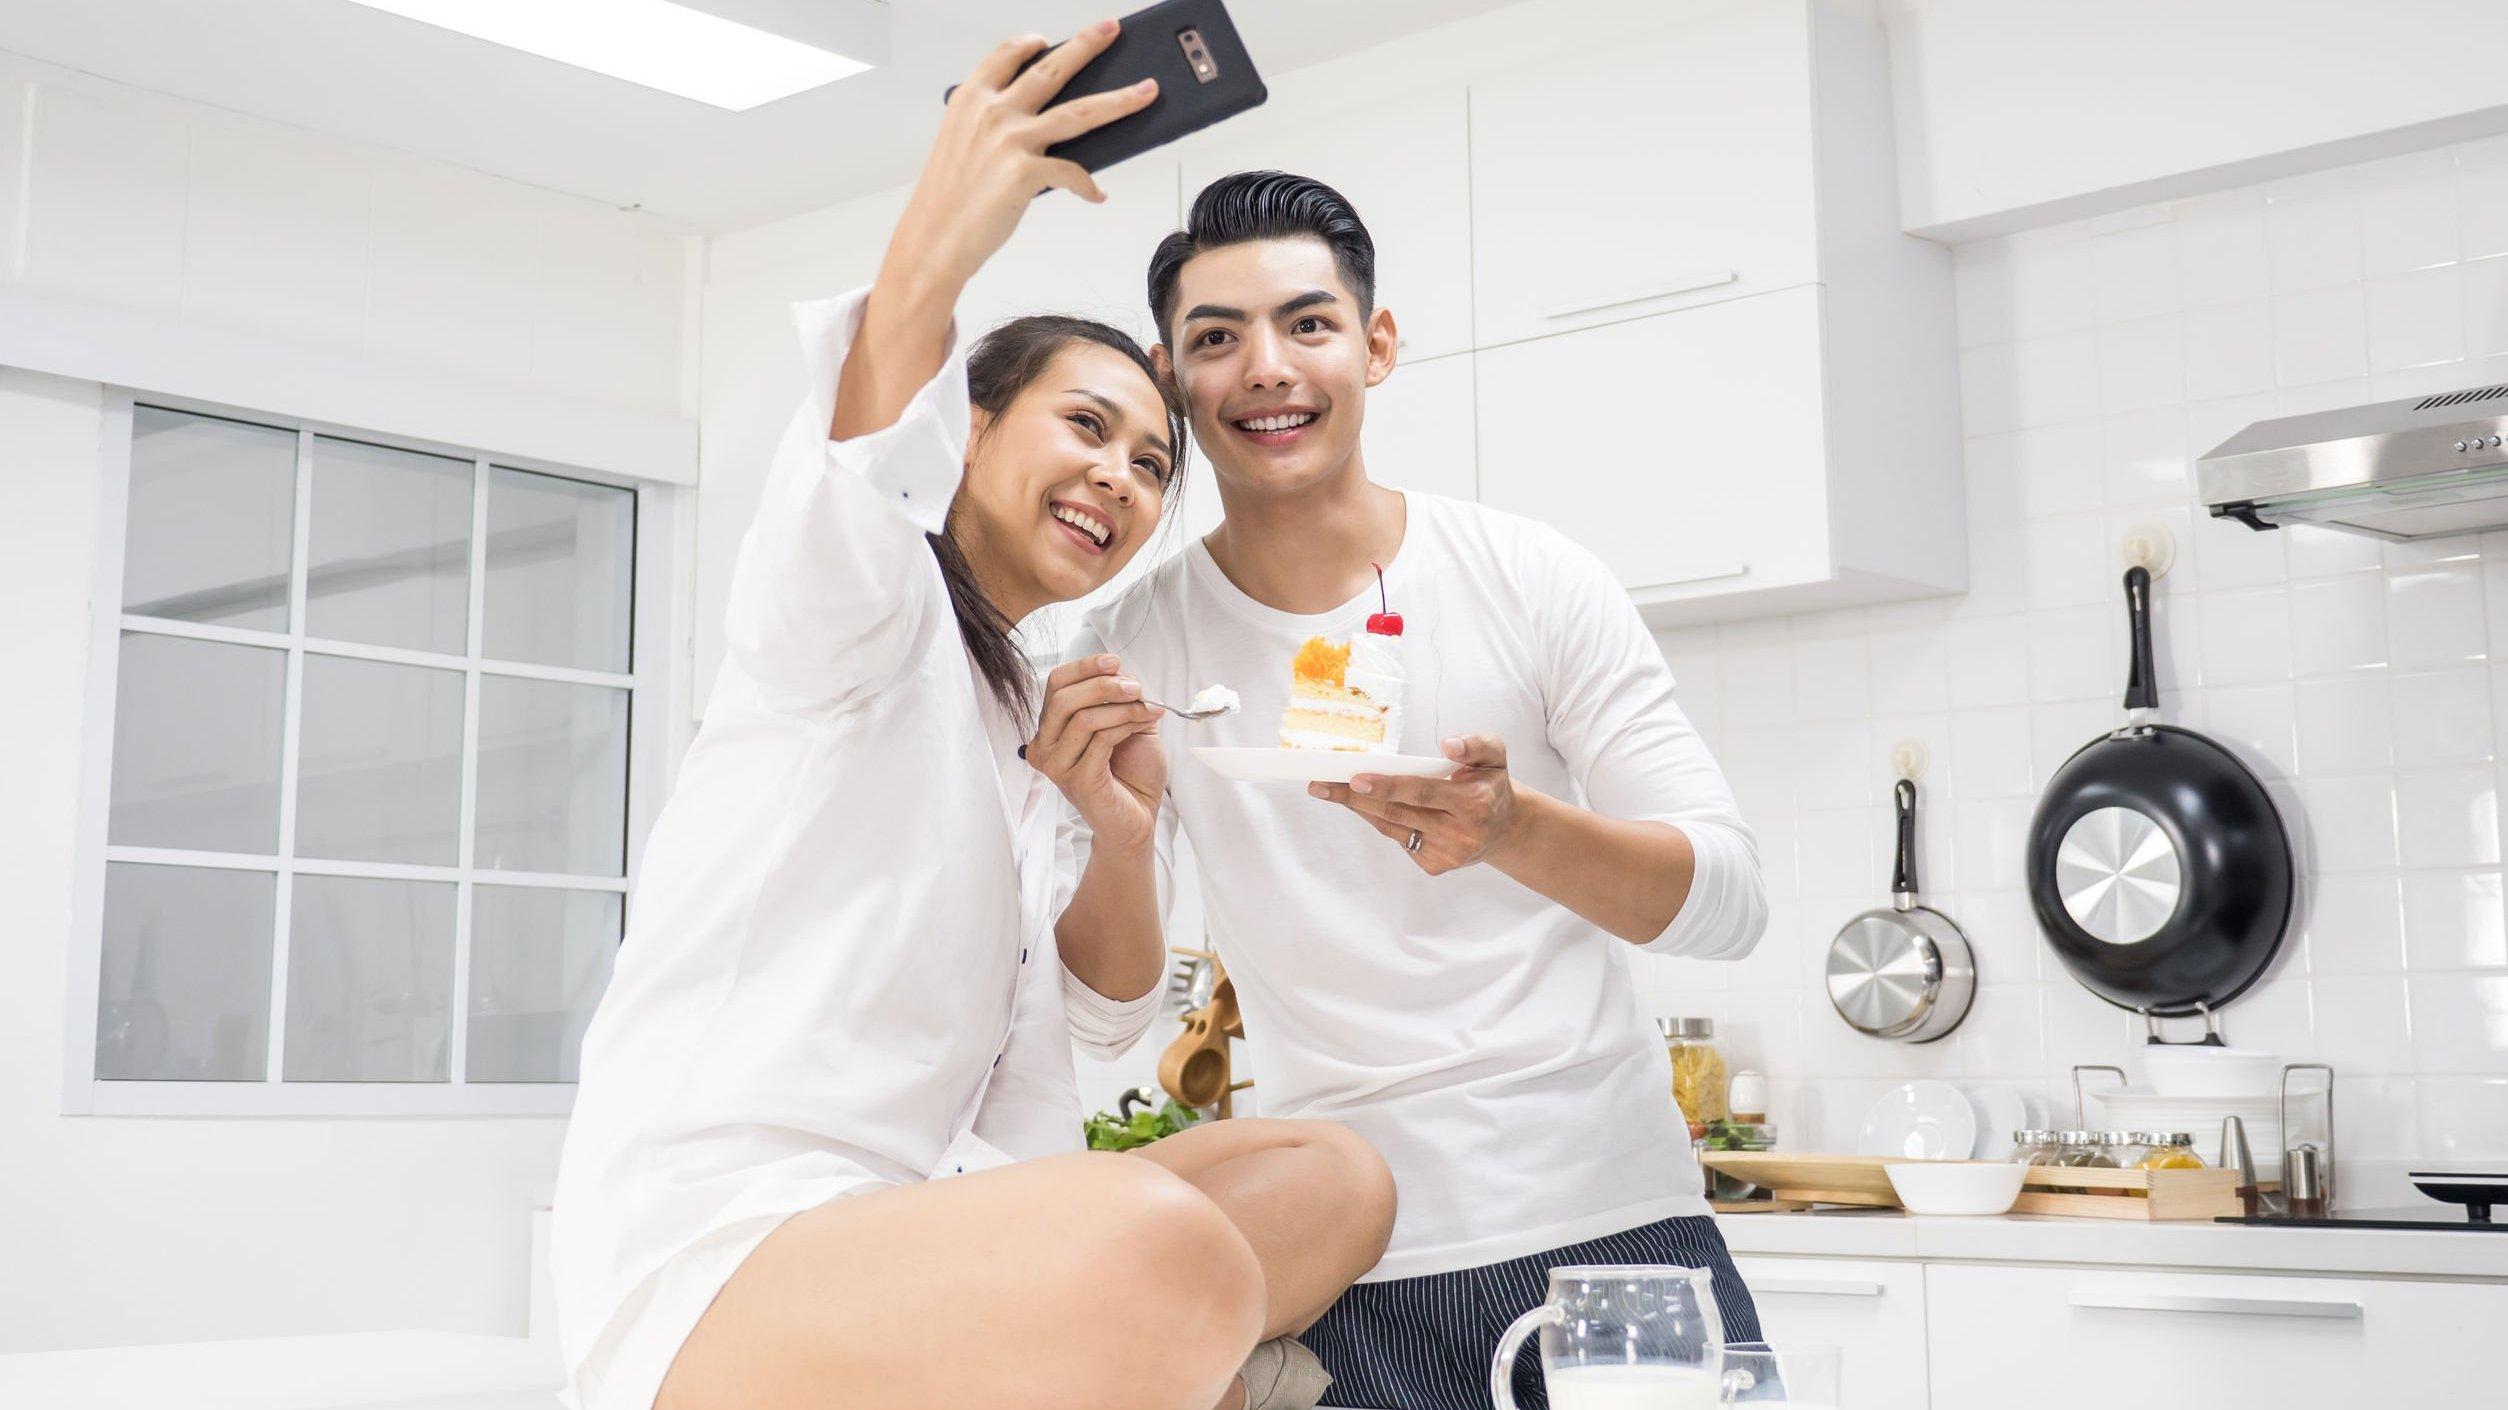 Homem e mulher em casa comendo bolo de aniversário e tirando fotos.